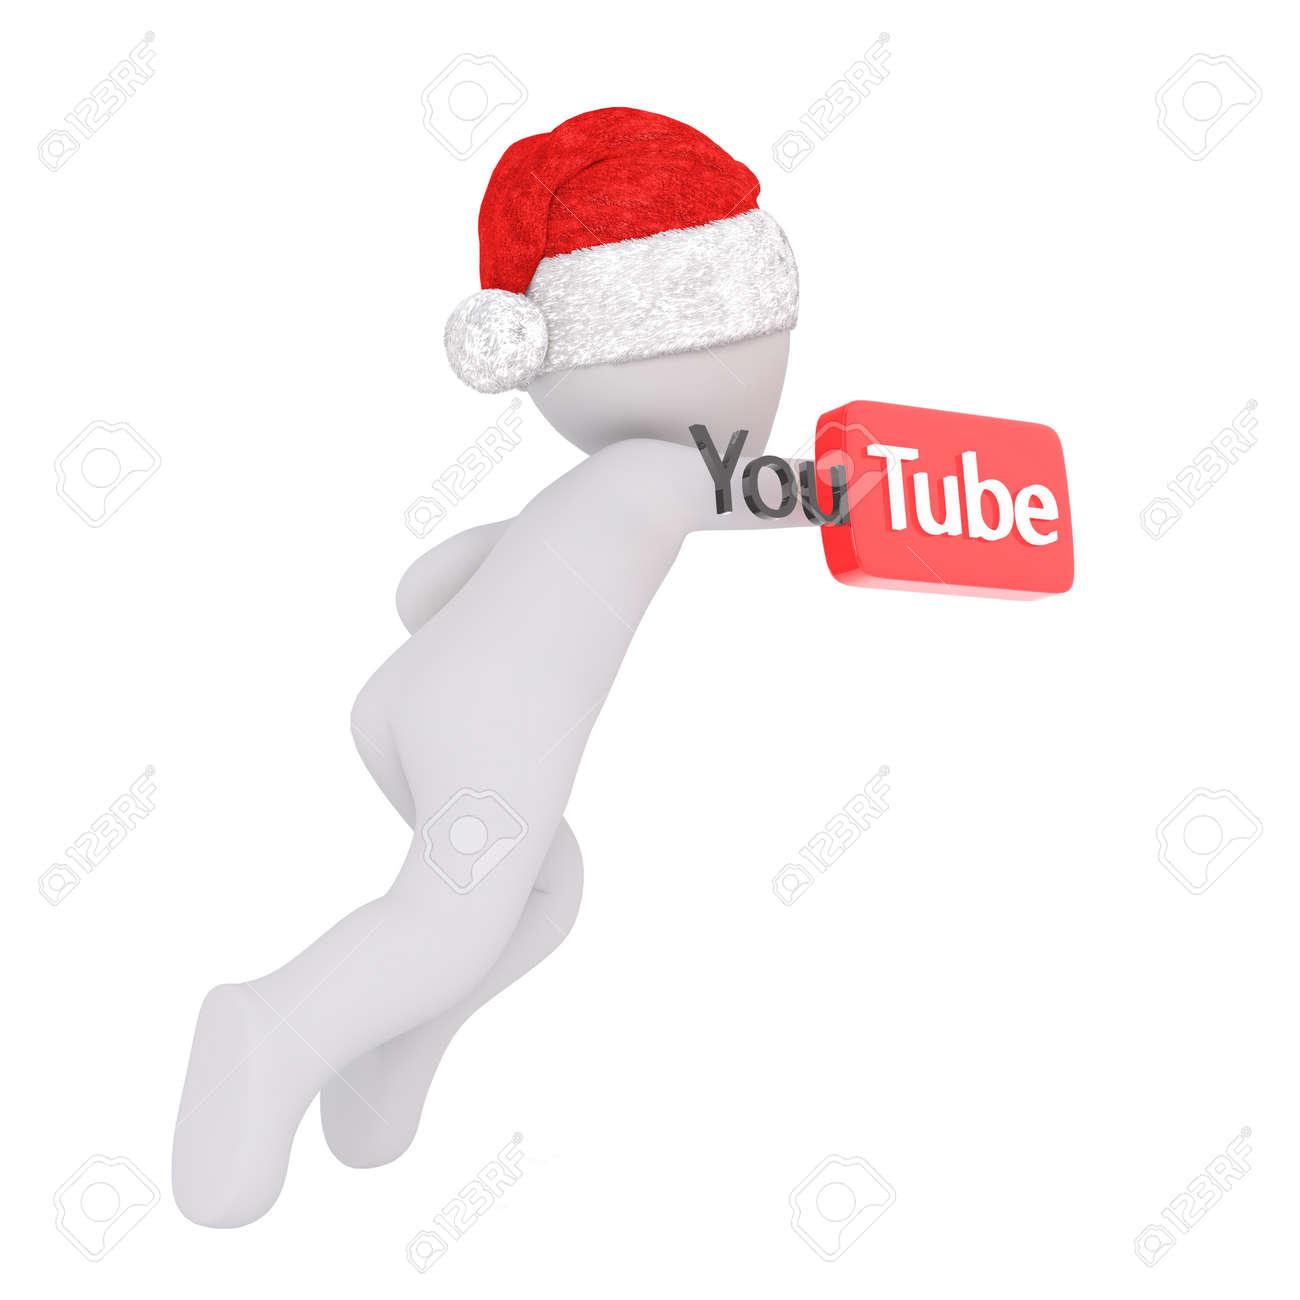 3d Figur In Santa Hut Betrieb Mit YouTube Zeichen Auf Weißem ...